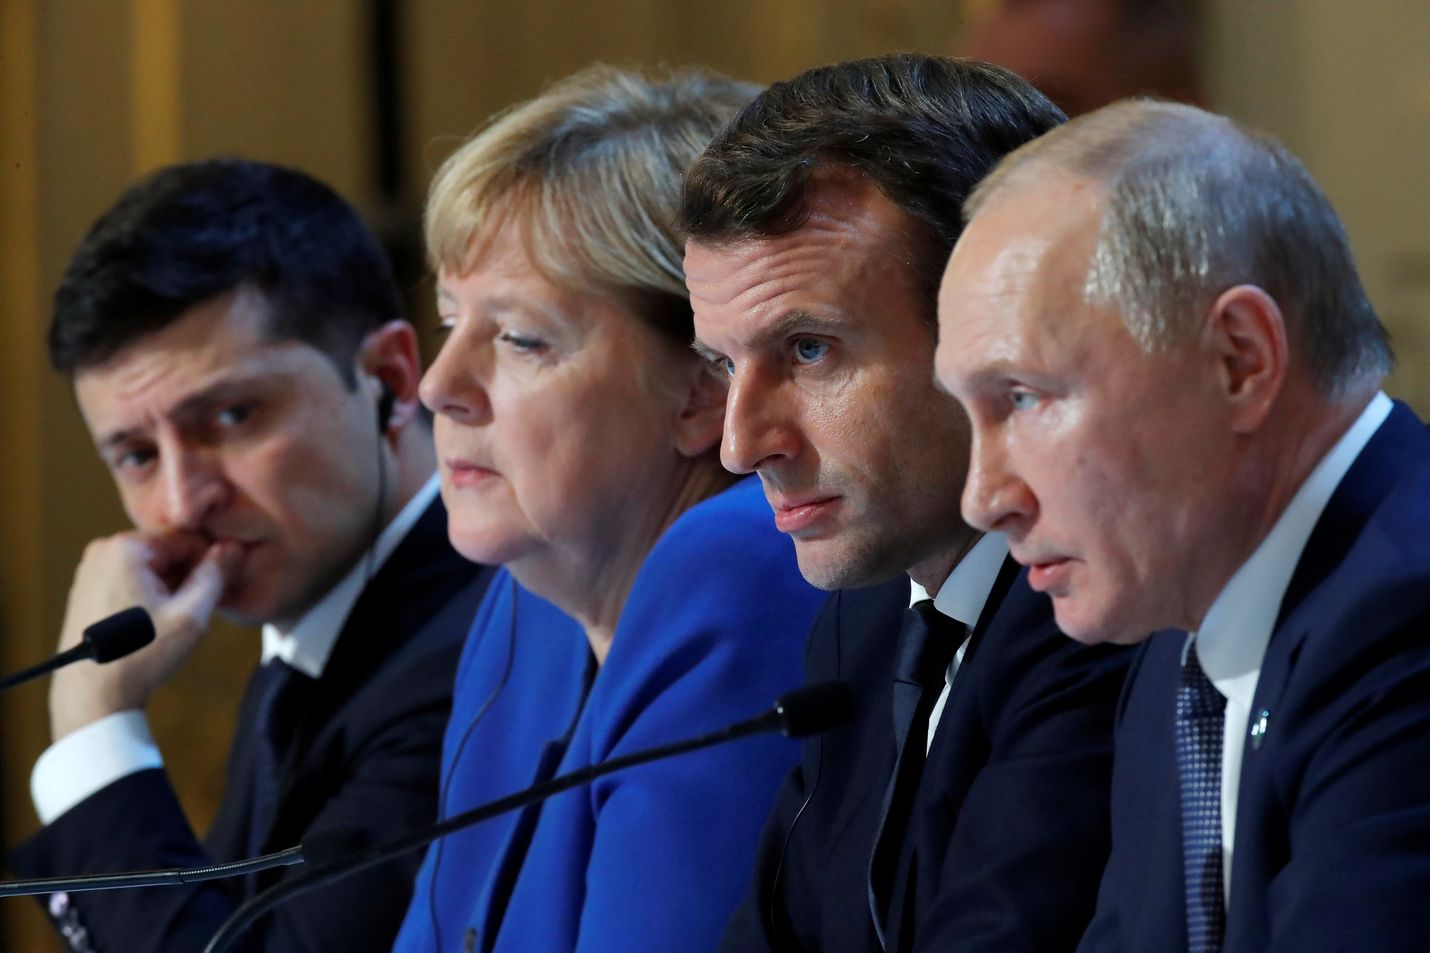 Ukrainan presidentti Volodymyr Zelenskyi (vas.) tapasi ensimmäistä kertaa Venäjän presidentin Vladimir Putinin (oik.). Tapaamisessa olivat mukana myös Saksan liittokansleri Angela Merkel ja Ranskan presidentti Emmanuel Macron.